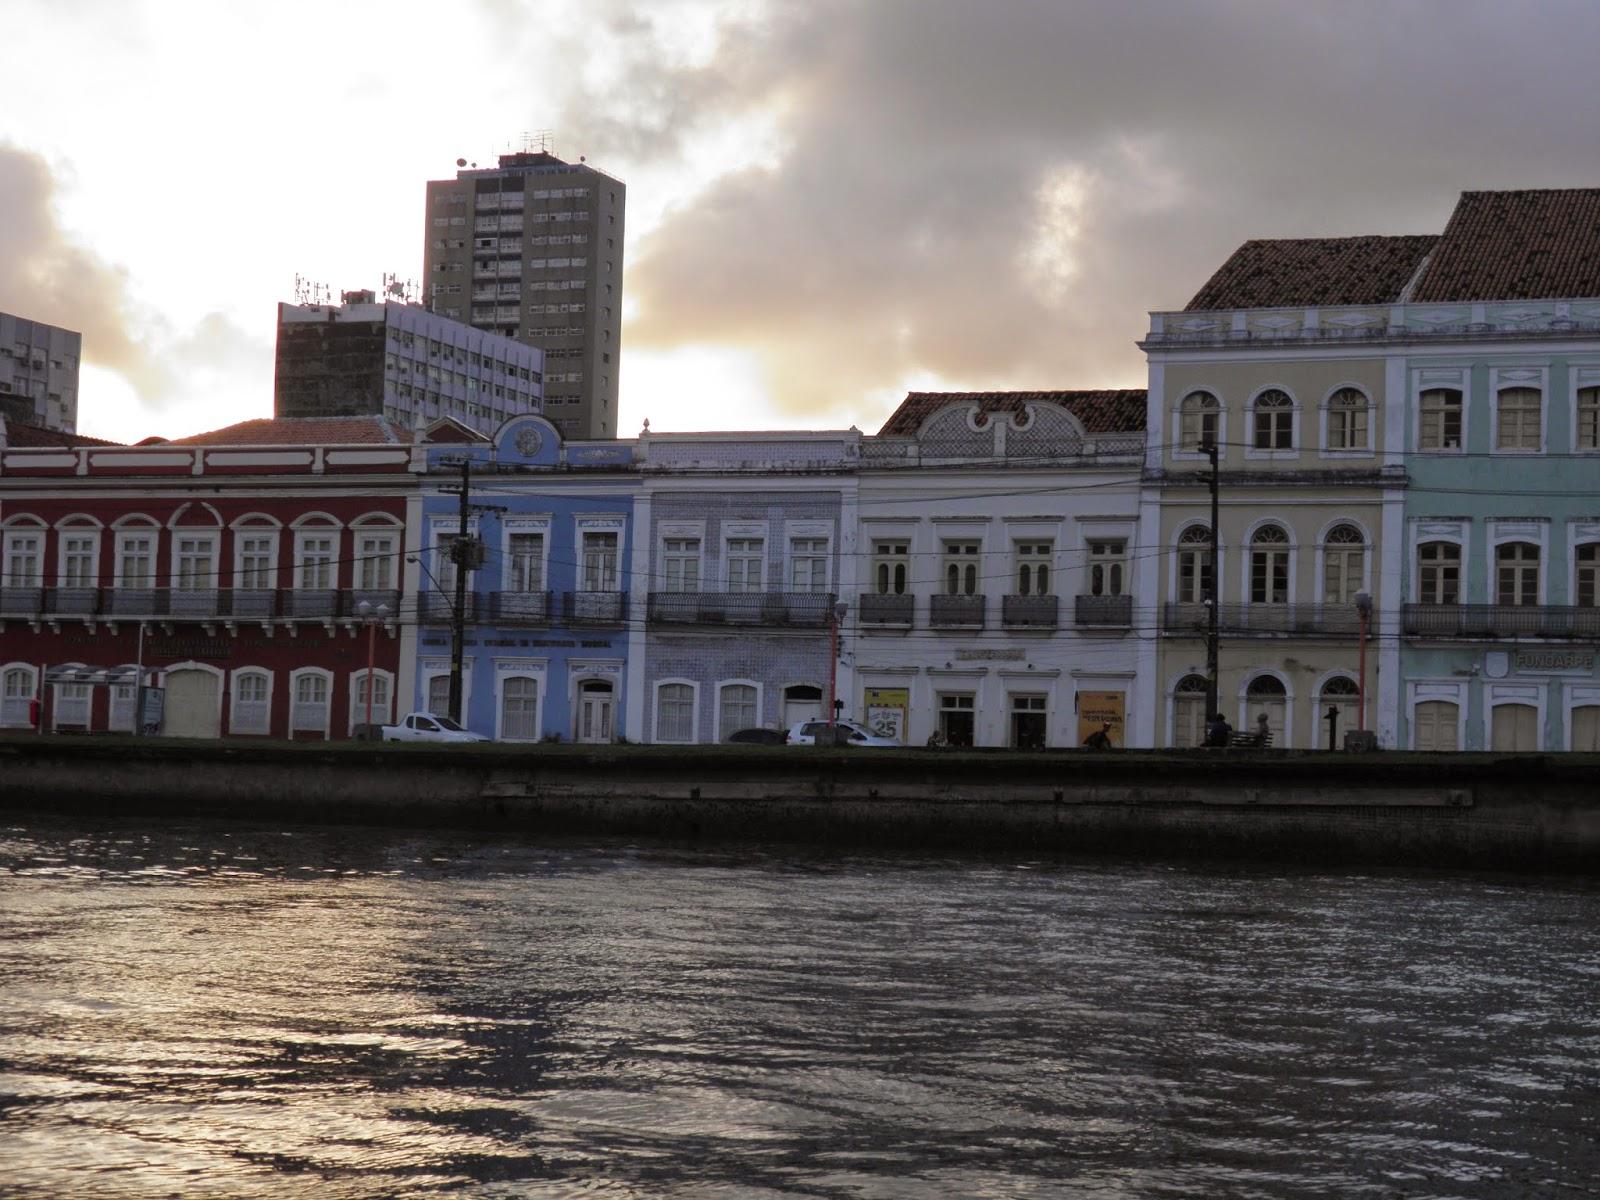 RECIFE; RUA DA AURORA; RECIFE; TURISMO; PASSEIO DE BARCO; PASSEIO DE CATAMARÃ; RIO CAPIBARIBE